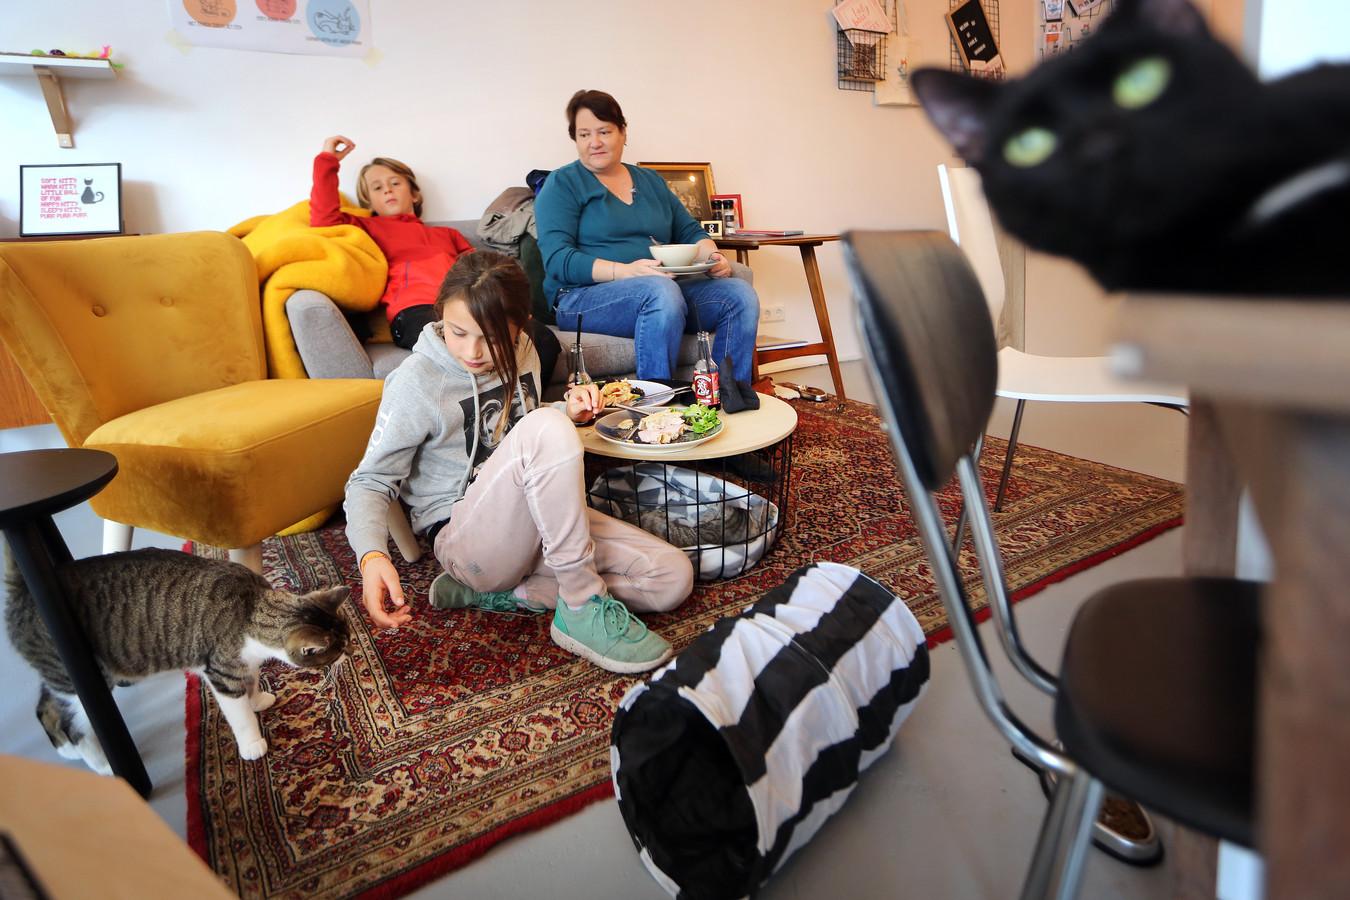 Nicky (9) en Quinten (11) zijn dolblij dat hun tante Marjolein uit Etten-Leur ze mee heeft genomen naar Familie Snorhaar. Viervoeters op de foto (vlnr) Stella (bij Nicky), Juffrouw Pruim (Onder tafel) en Luna (rechts óp tafel).